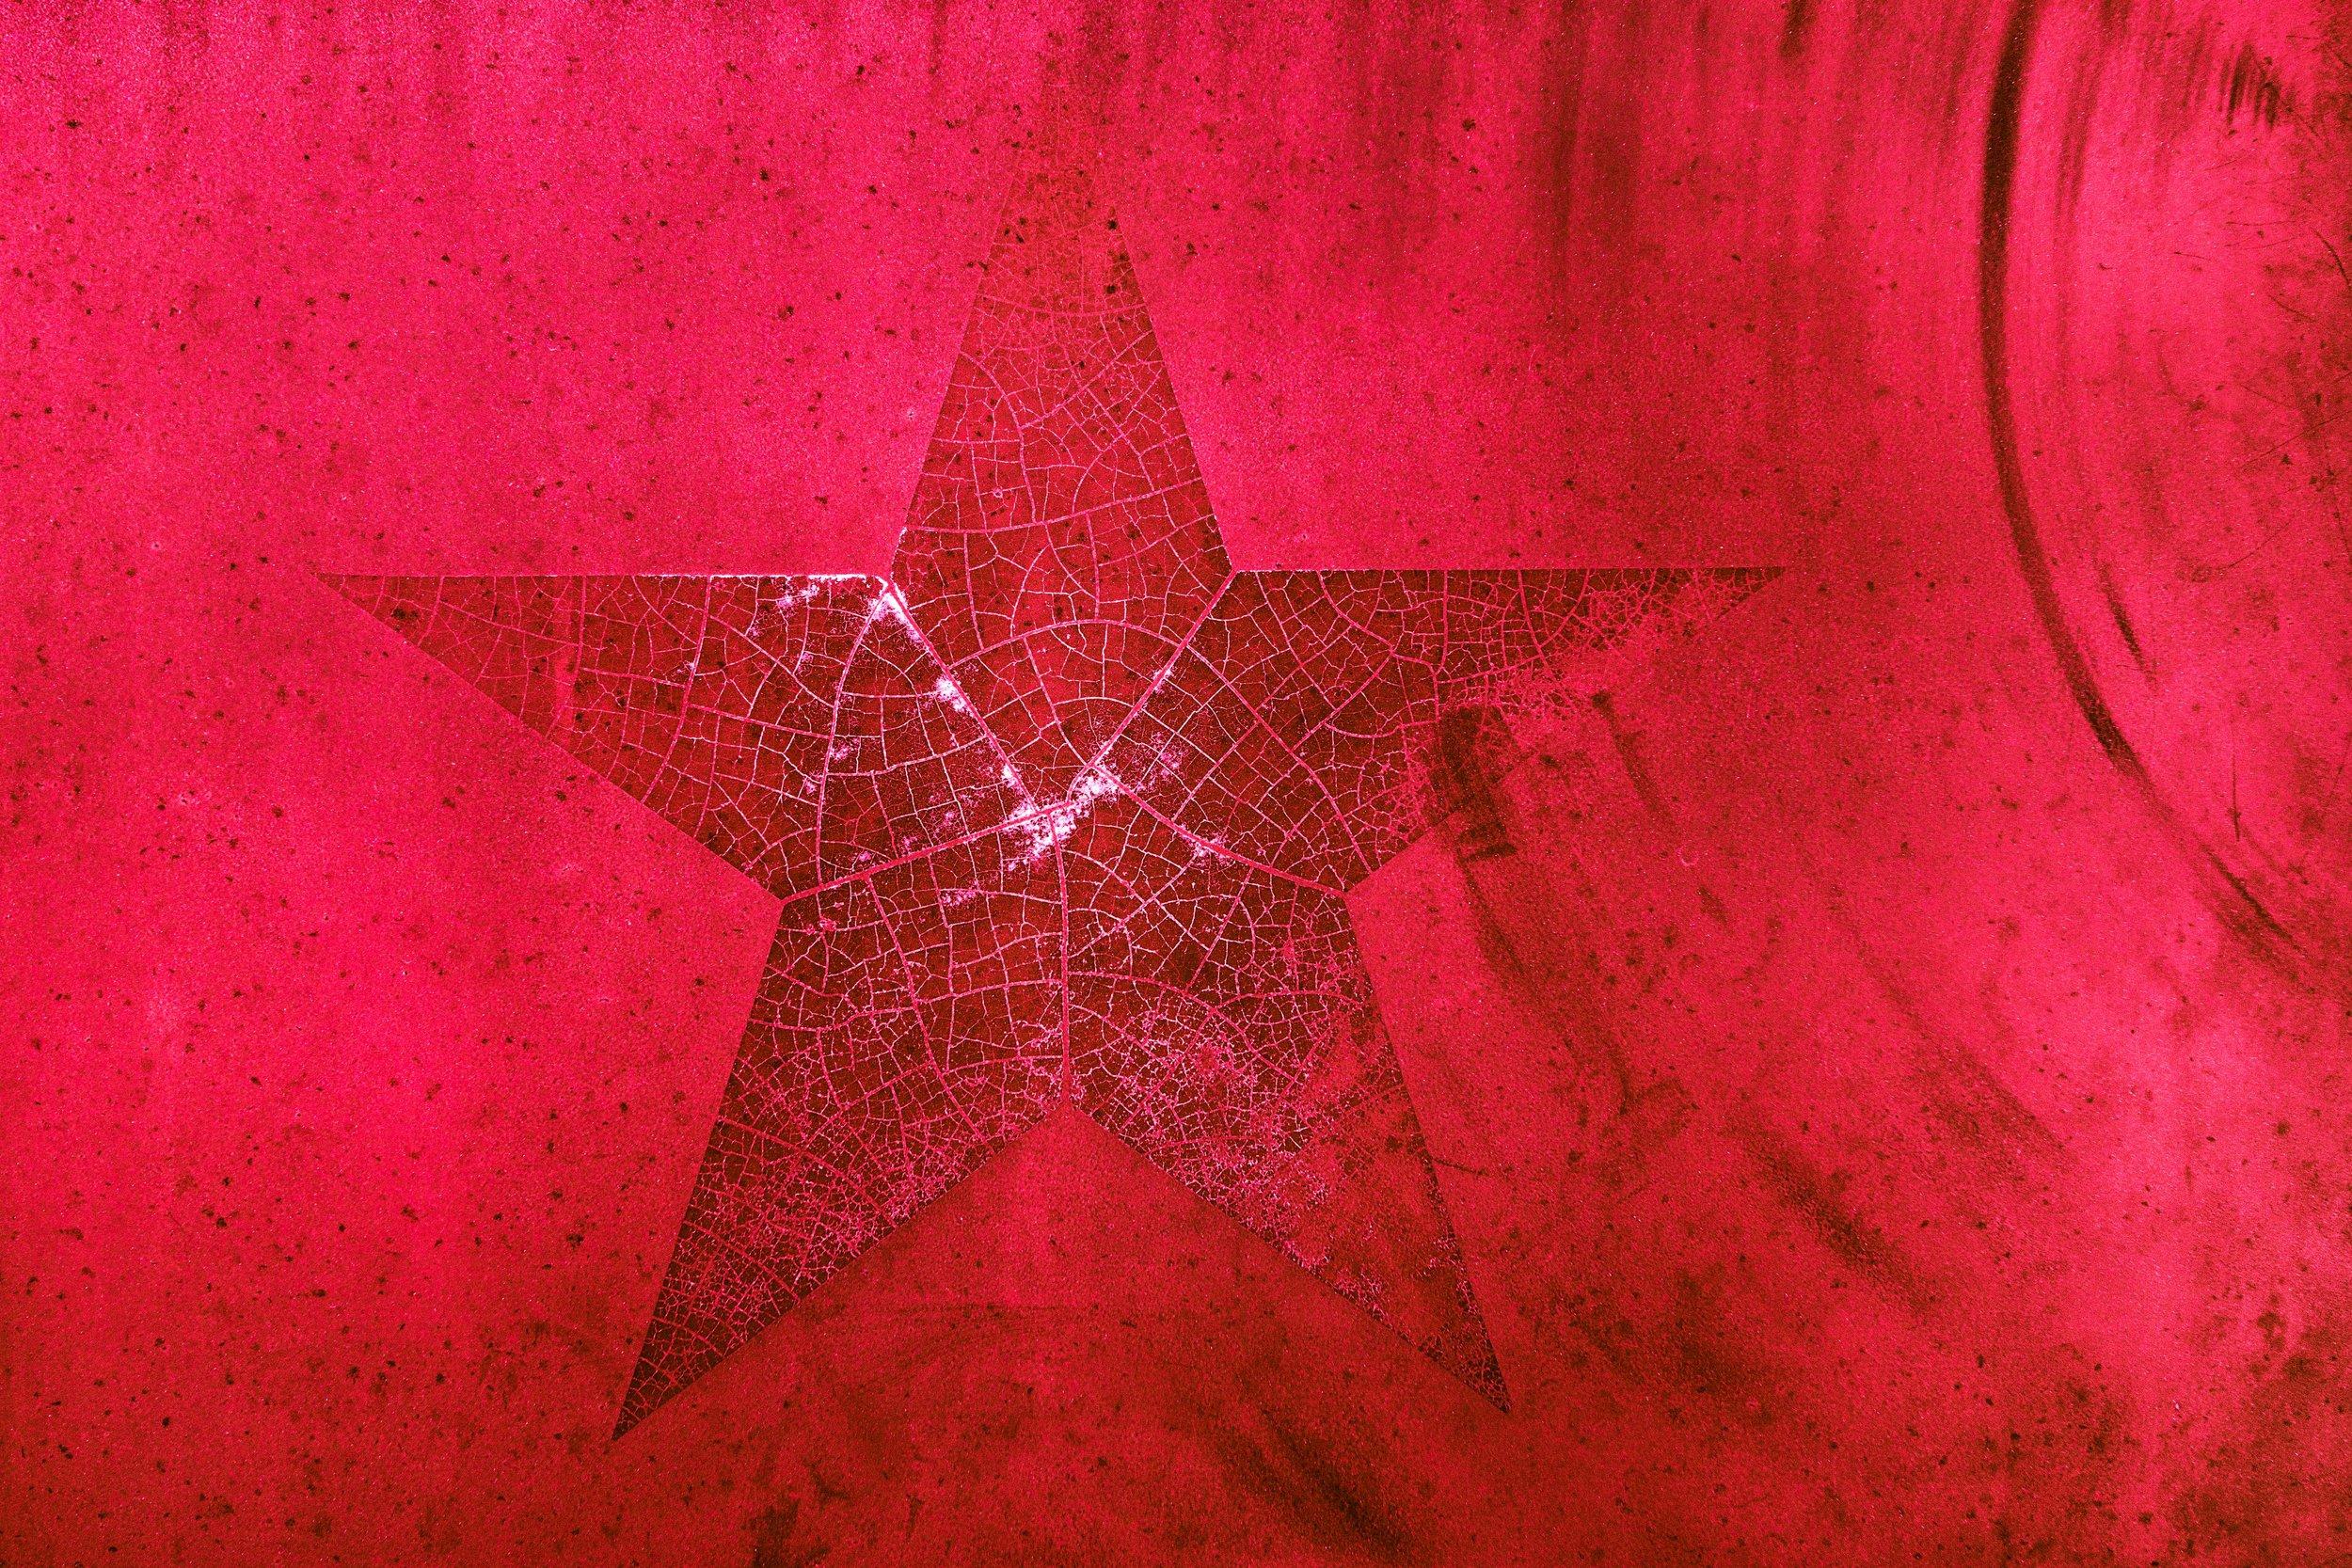 Red_Star_by_Gregg_Albracht.jpg